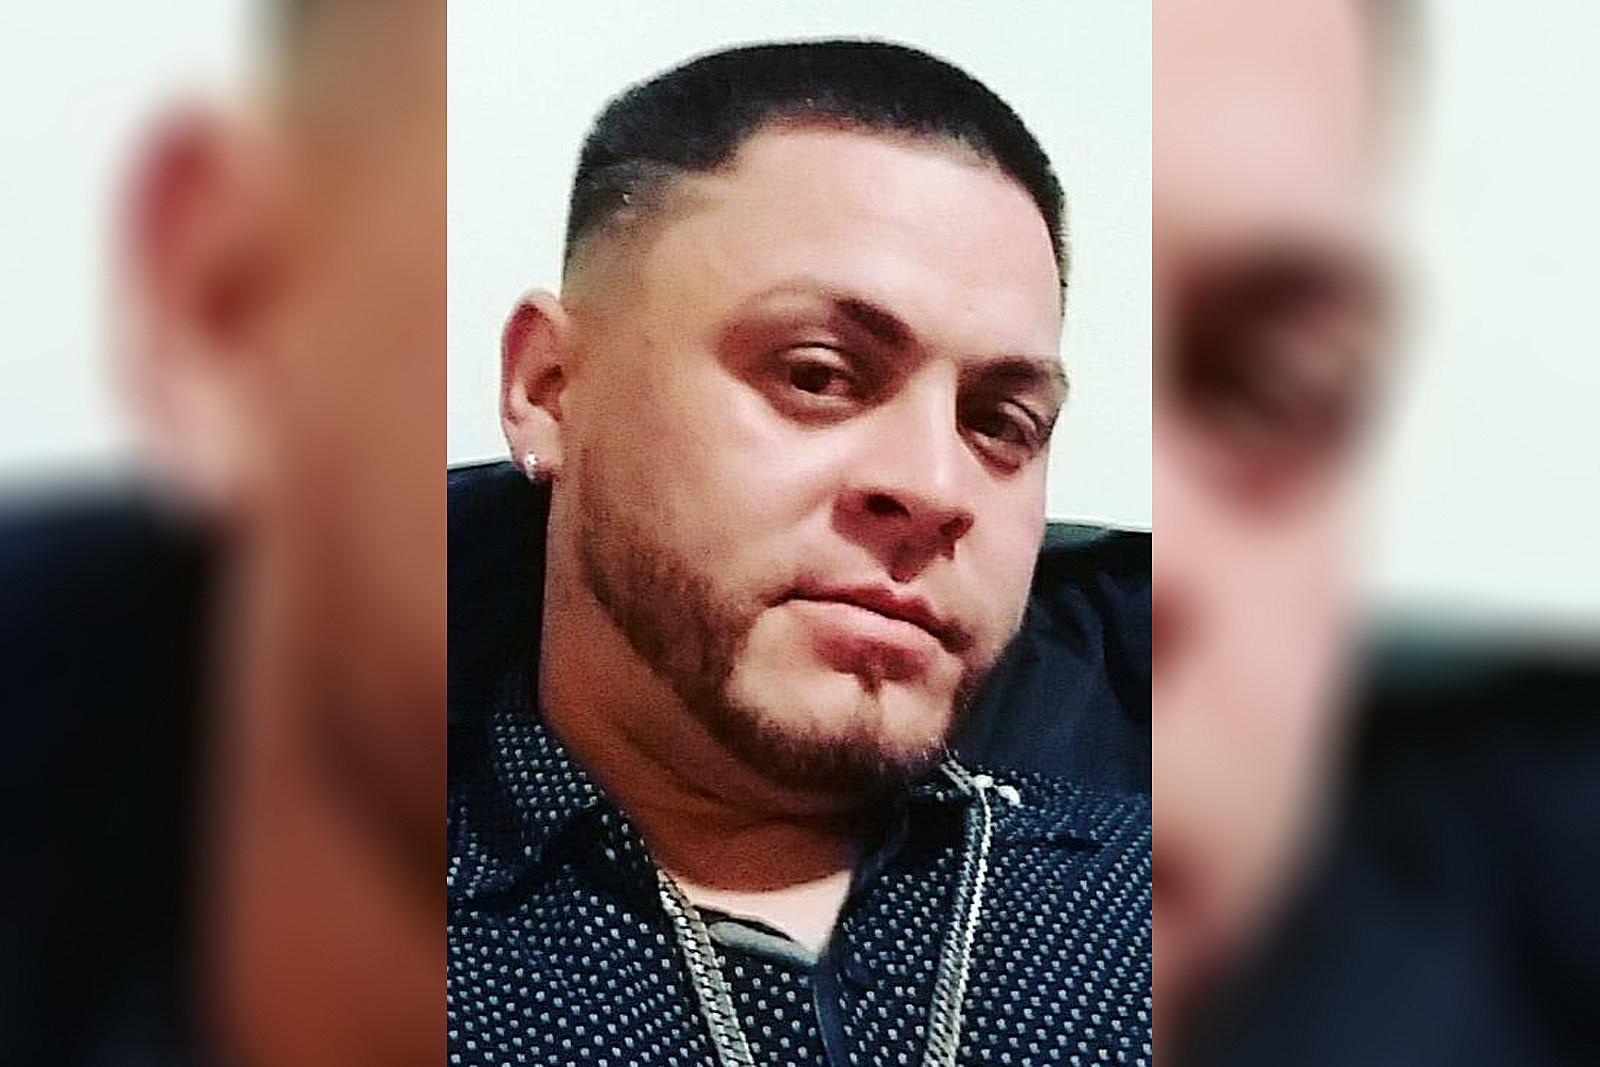 New Bedford Police Arrest Man After Finding $30K of Heroin